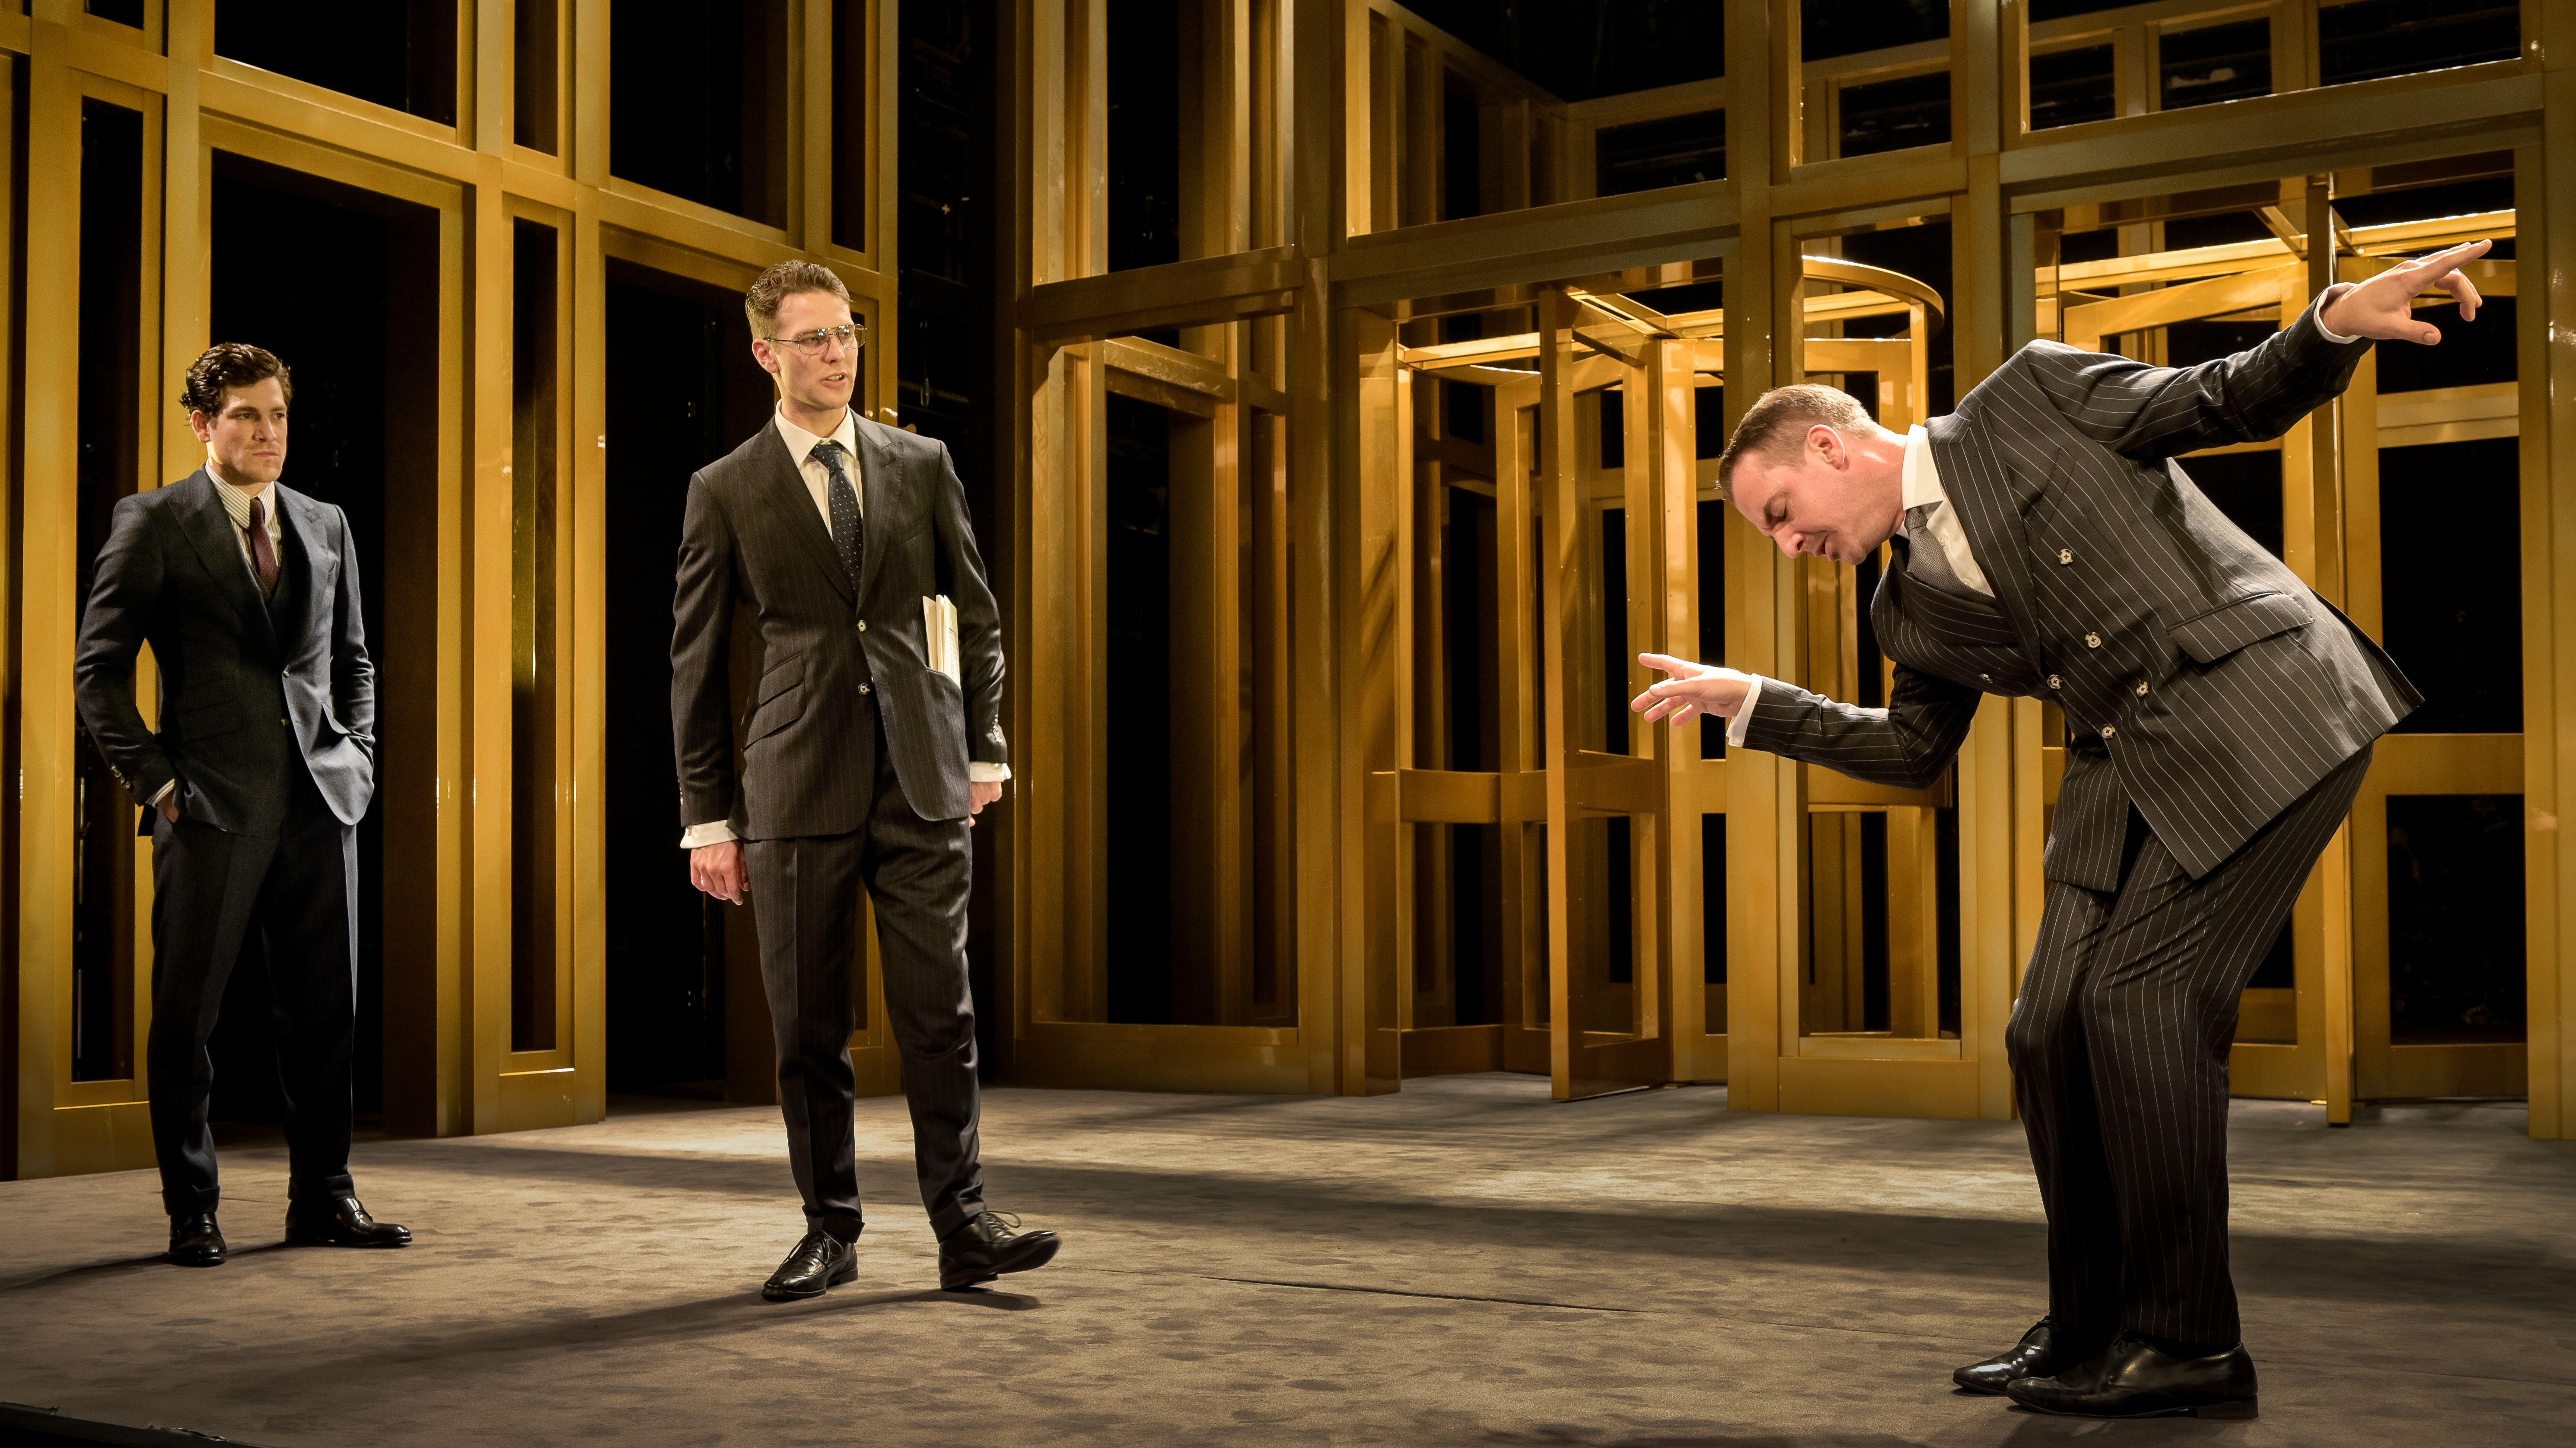 Jonathan Hutter, Silas Breiding und Pascal Fligg stehen im chicen Anzug auf der Bühne des Münchner Volkstheaters vor einer goldfarbenen Kulisse